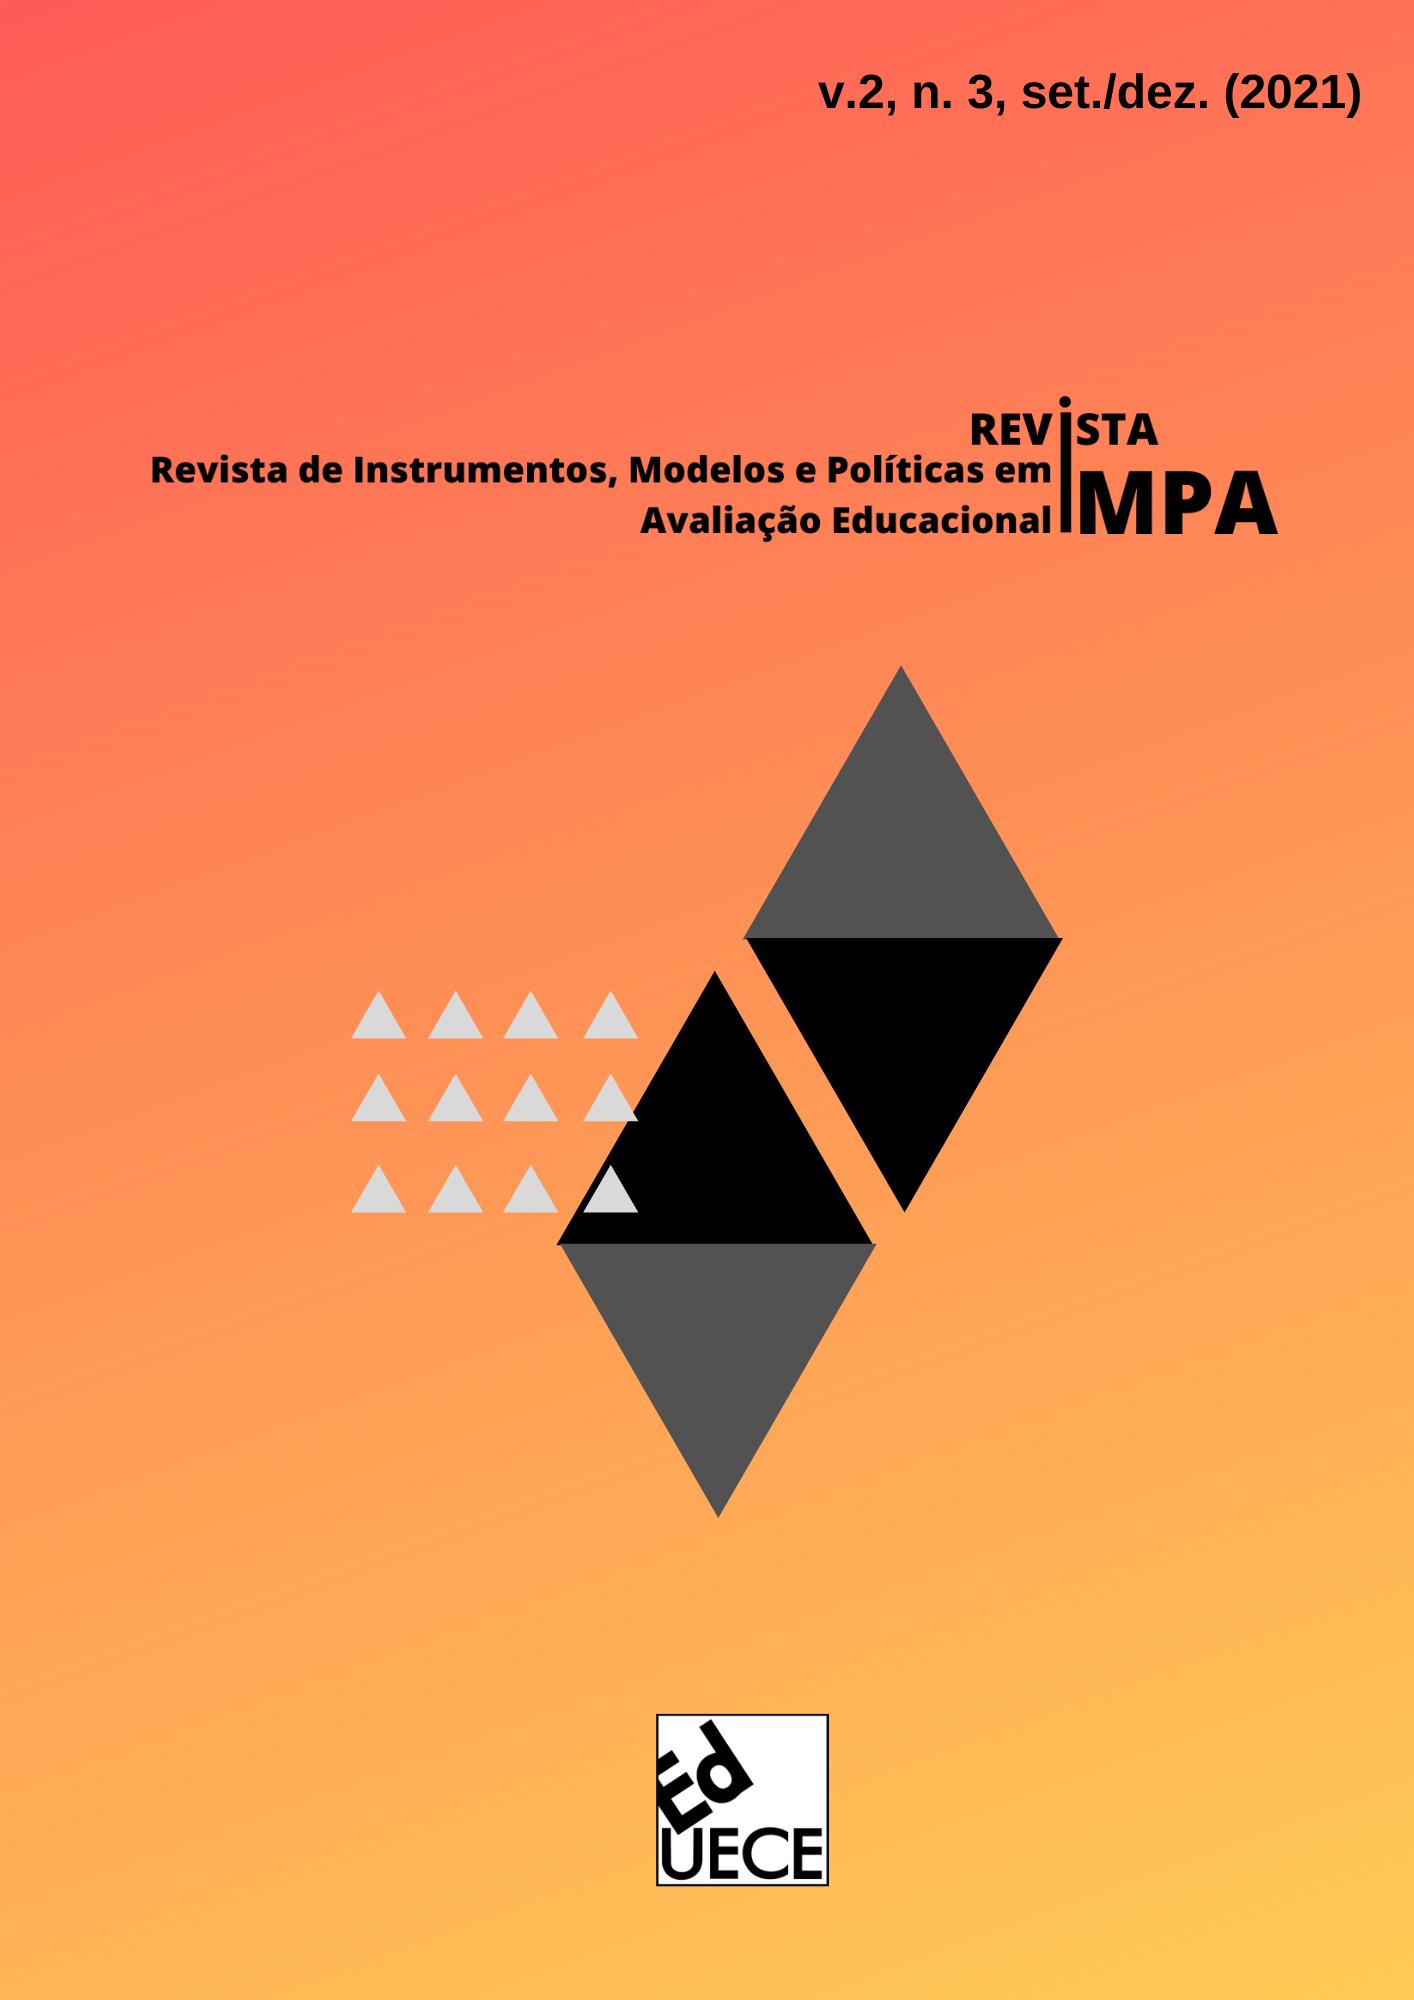 Visualizar v. 2 n. 3 (2021): Revista de Instrumentos, Modelos e Políticas em Avaliação Educacional